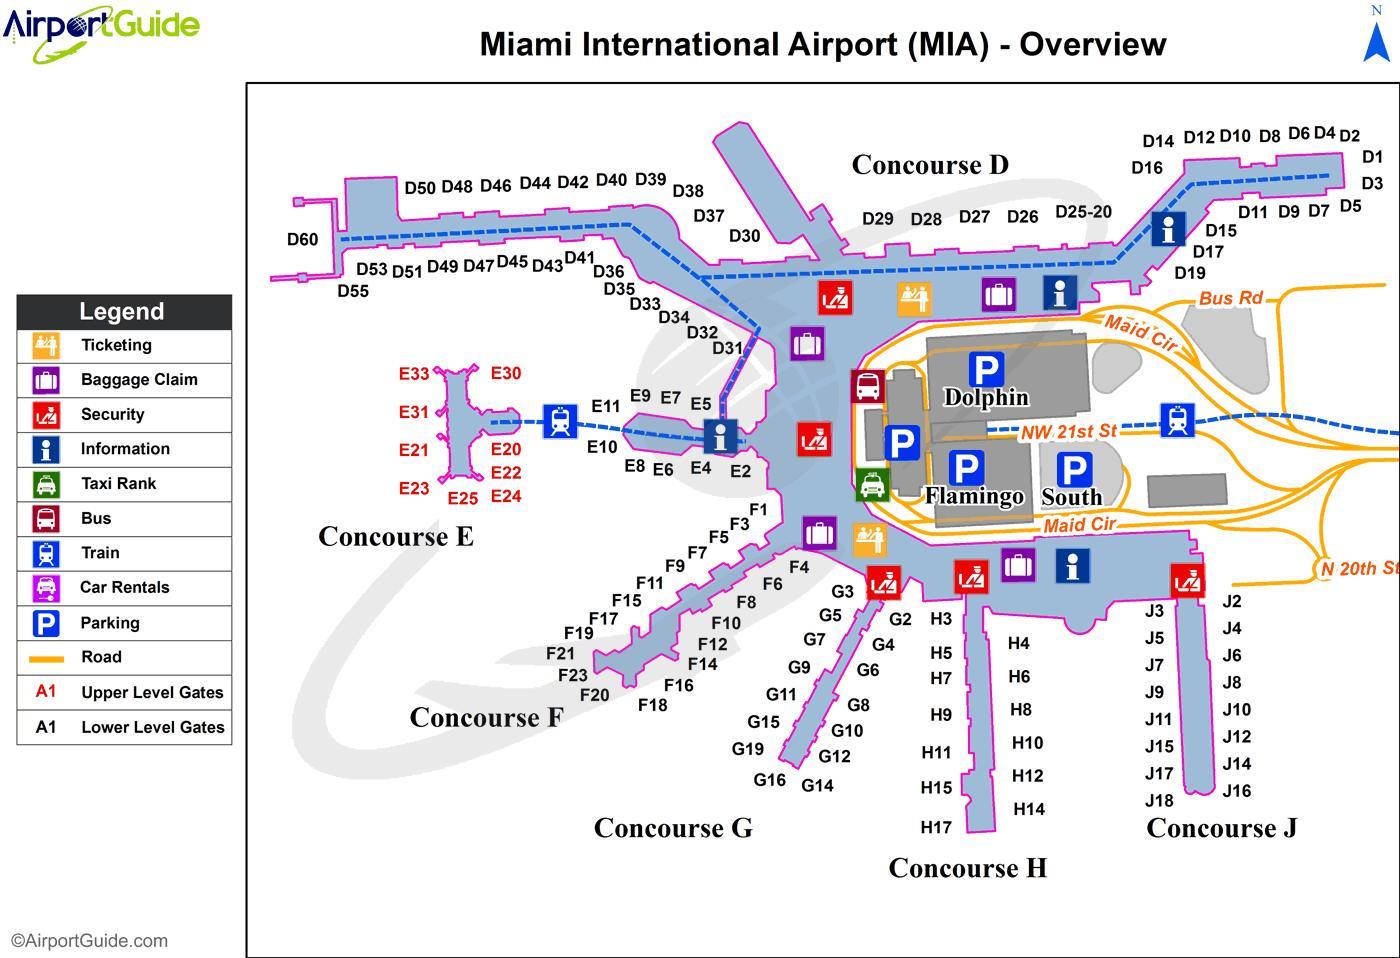 miami international airport sulla mappa - mappa di aeroporto